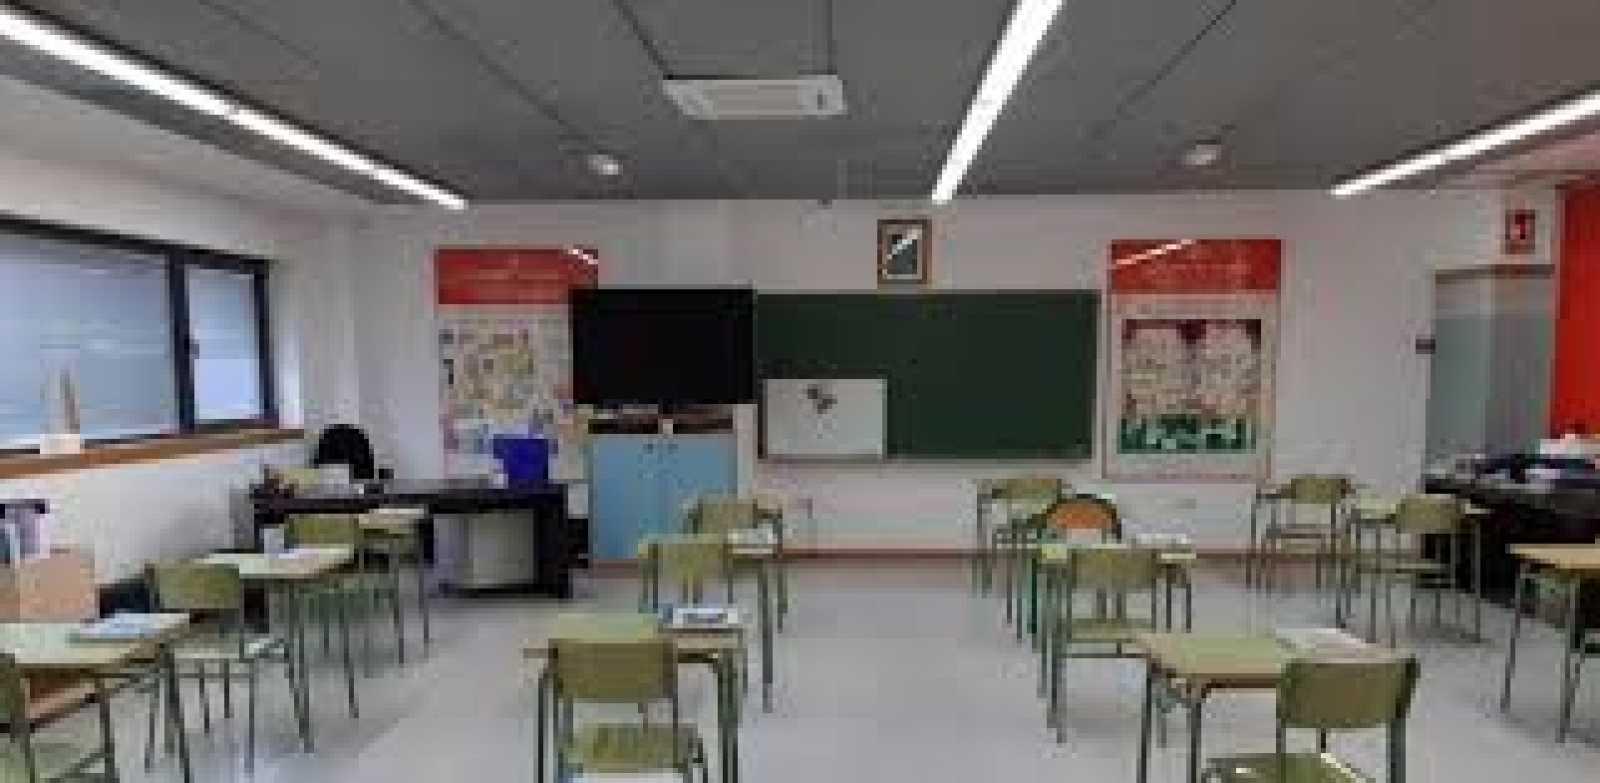 Ultima hora sobre si habrá clase en Magdalena y Fallas - 02/03/21 - Escuchar ahora